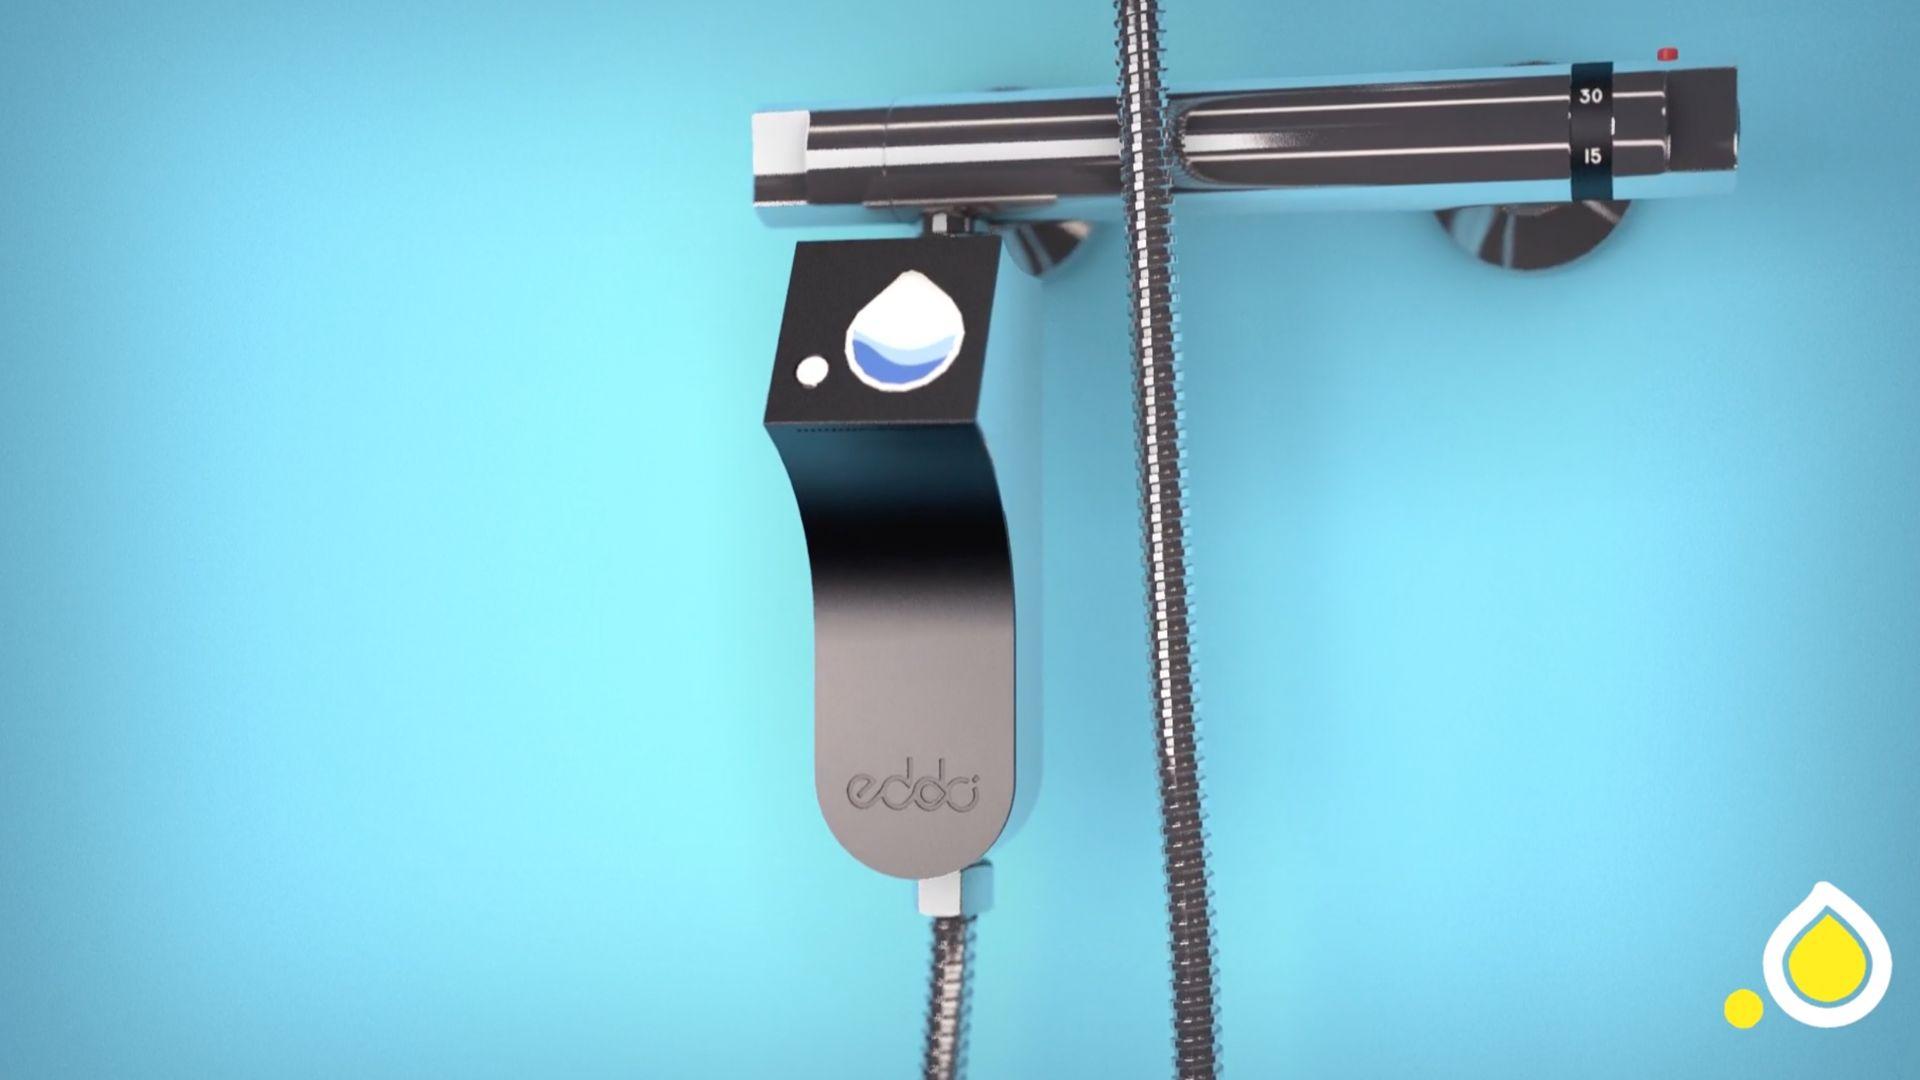 réalisation Prenez le contrôle de votre douche - Eddo Drop